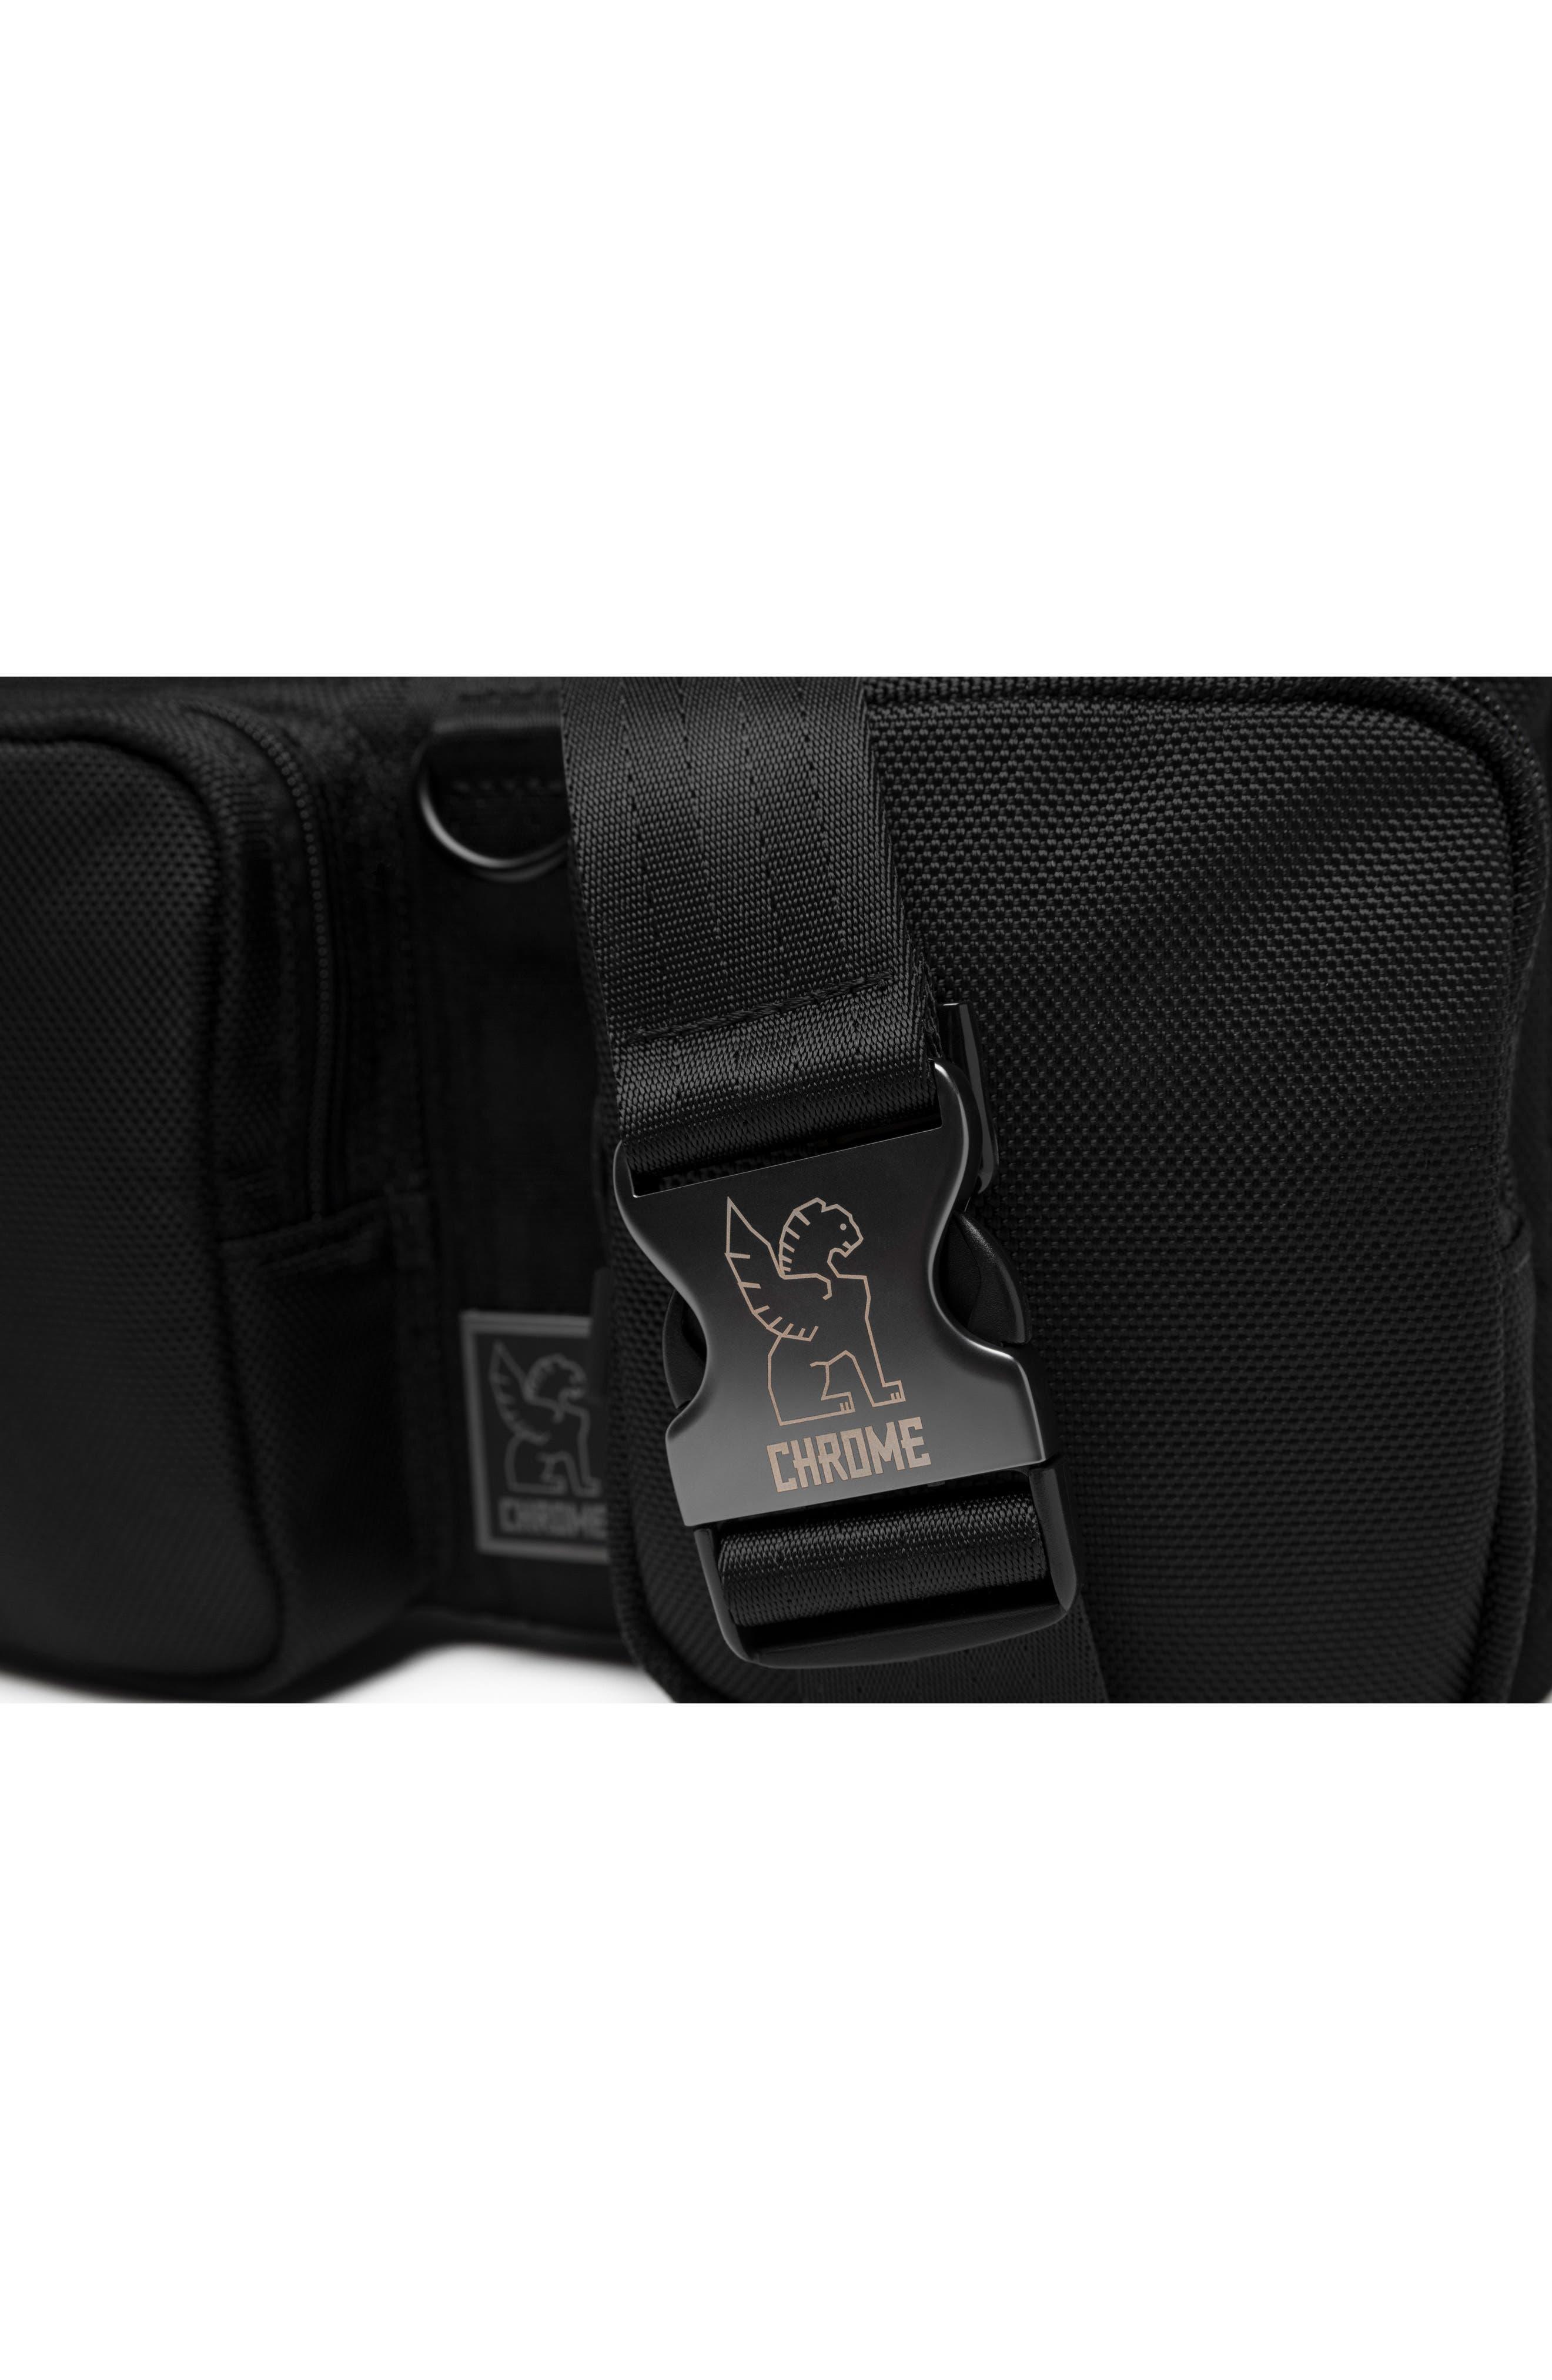 MXD Segment Sling Bag,                             Alternate thumbnail 6, color,                             All Black